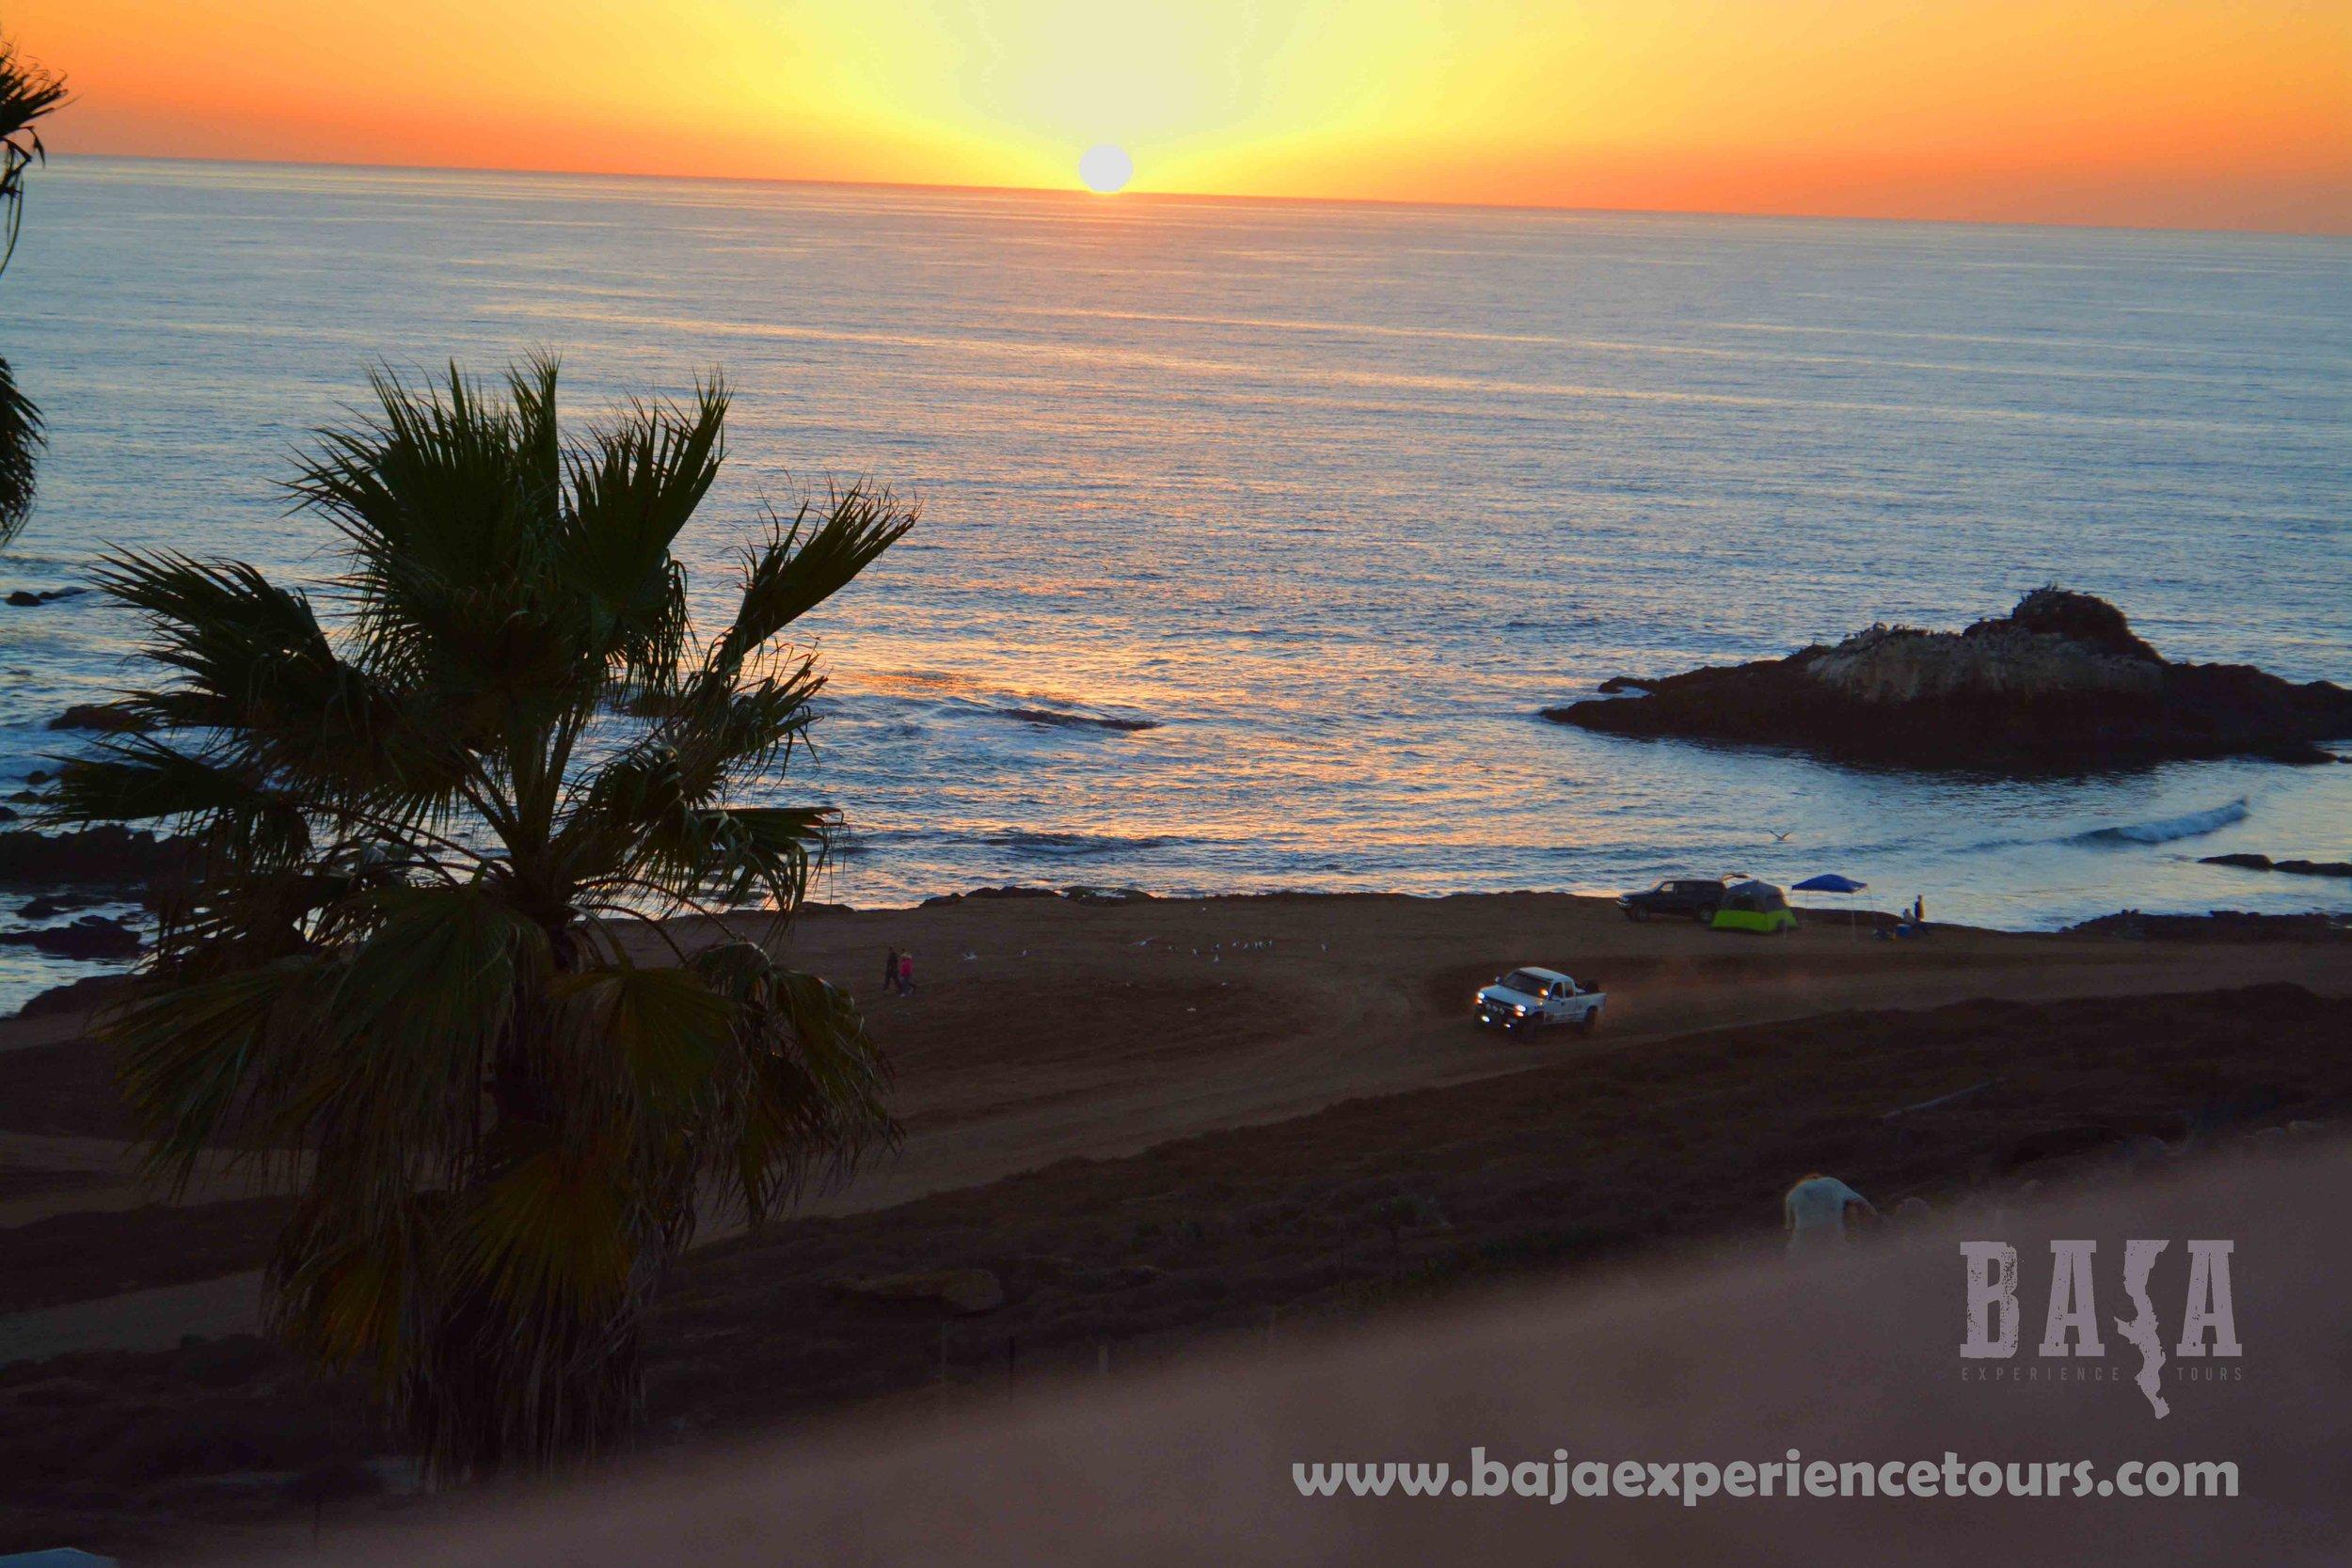 sunset_palm_baja_1000.jpg